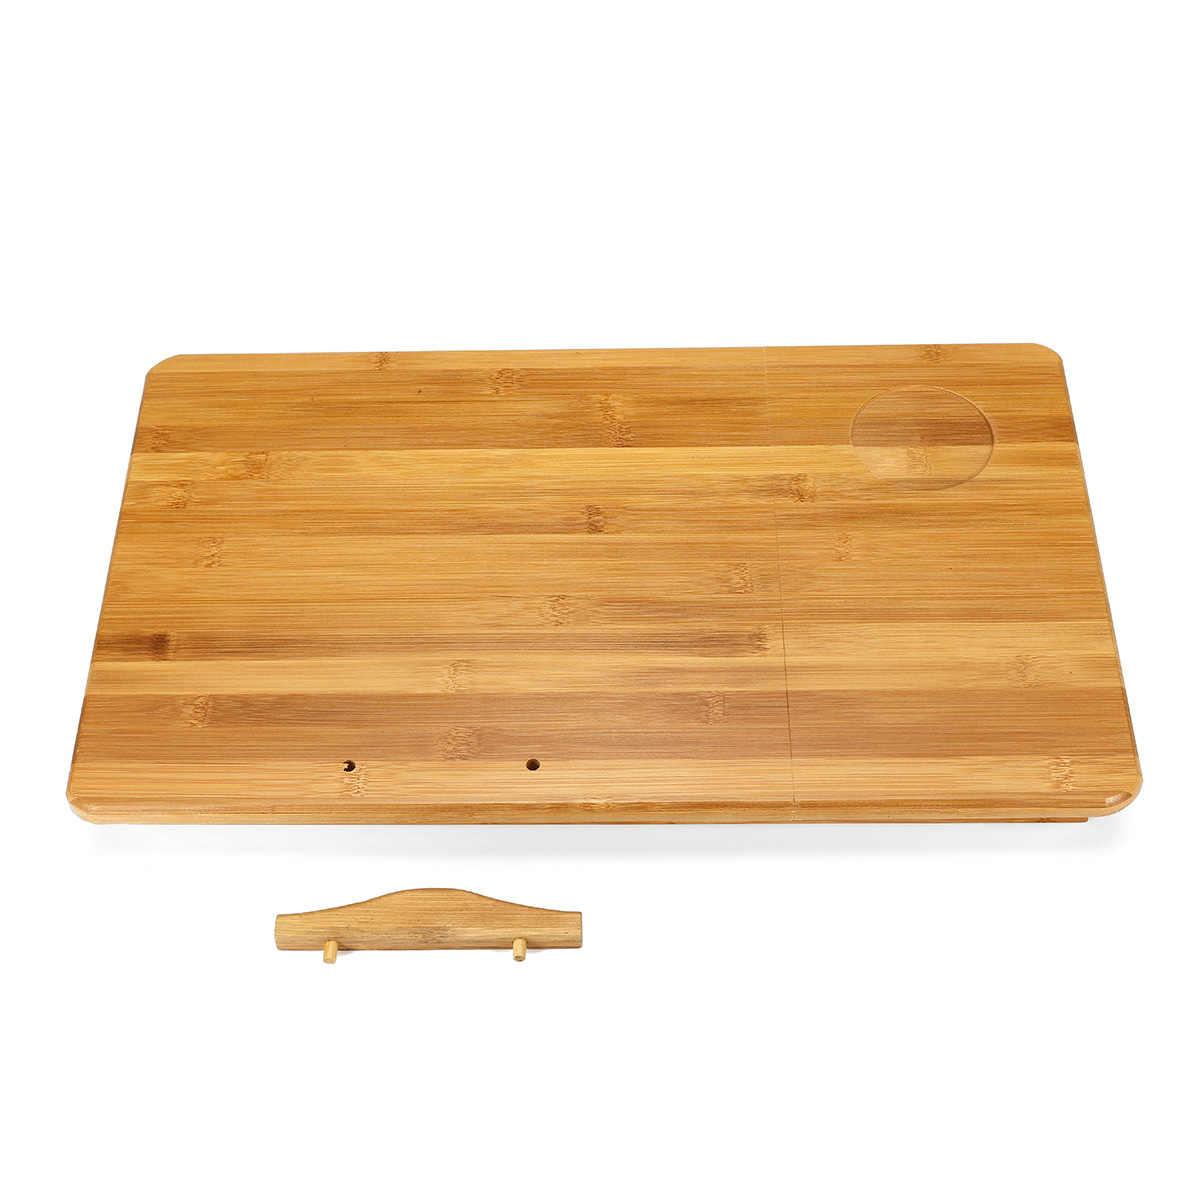 Verstelbare Bamboe Computer Stand Laptop Bureau Notebook Bureau Laptop Tafel Voor Bed Slaapbank Lade Picknicktafel Studeren Tafel